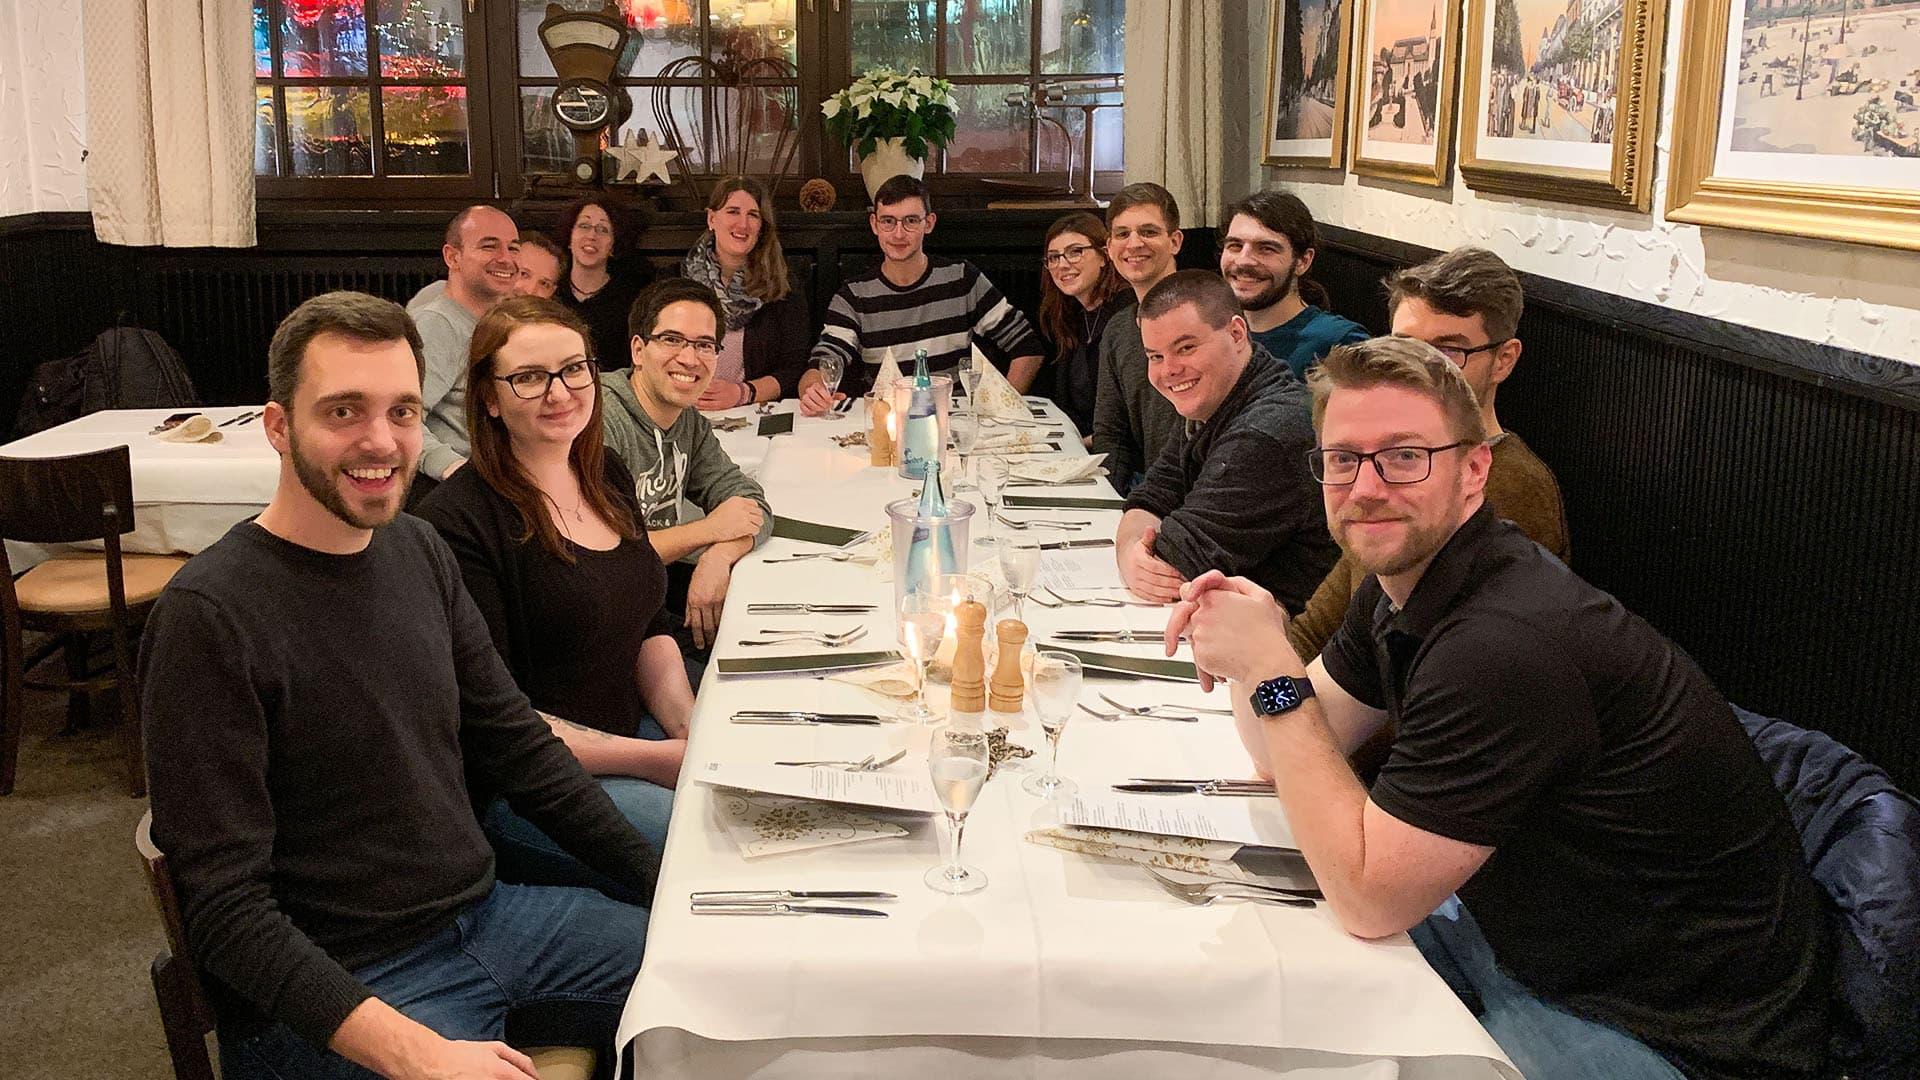 blink.it Weihnachtsessen 2019 mit dem ganzen Team